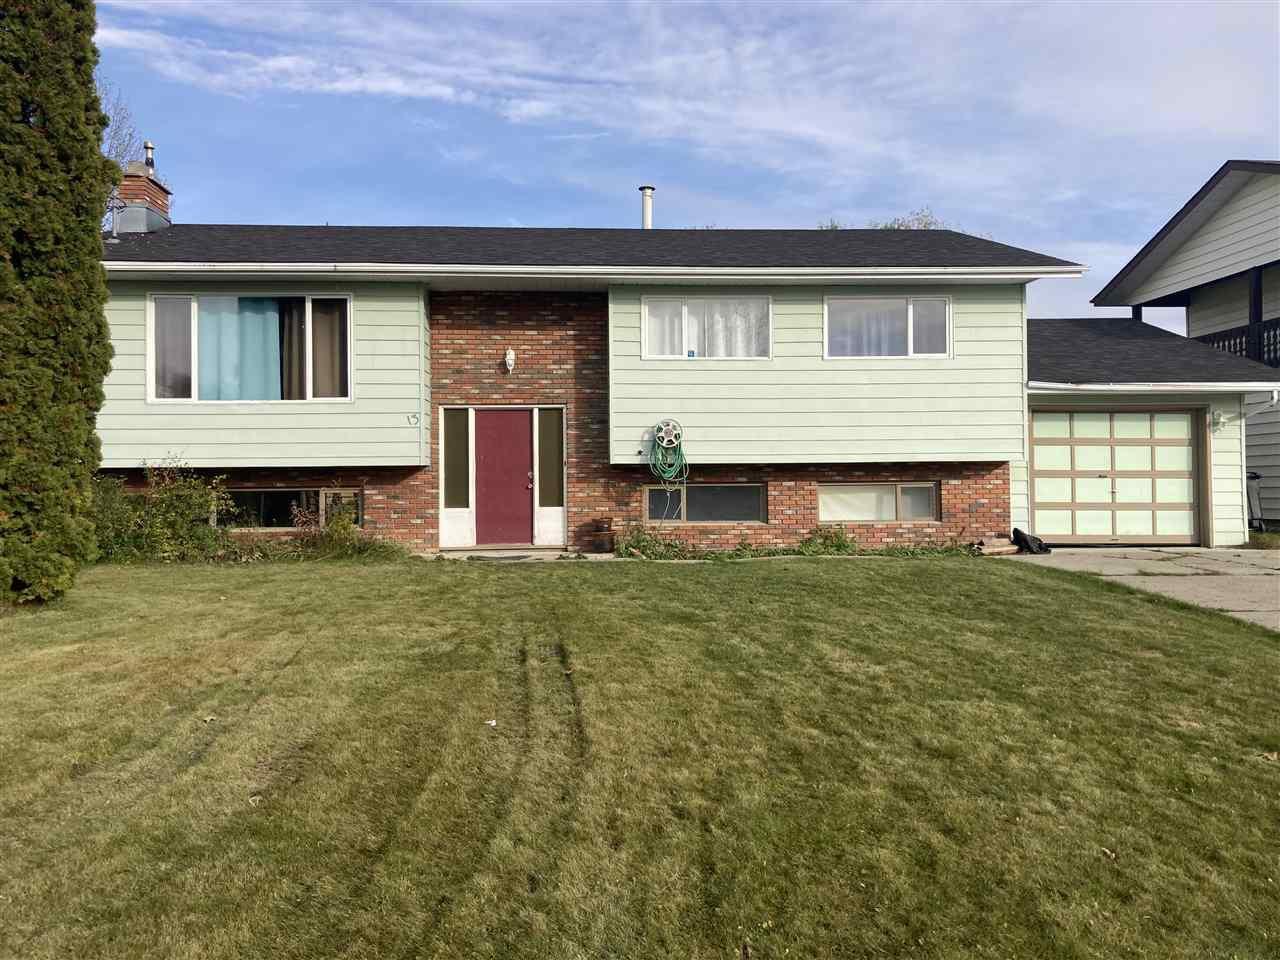 Main Photo: 13 MUNRO Crescent in Mackenzie: Mackenzie -Town House for sale (Mackenzie (Zone 69))  : MLS®# R2508963